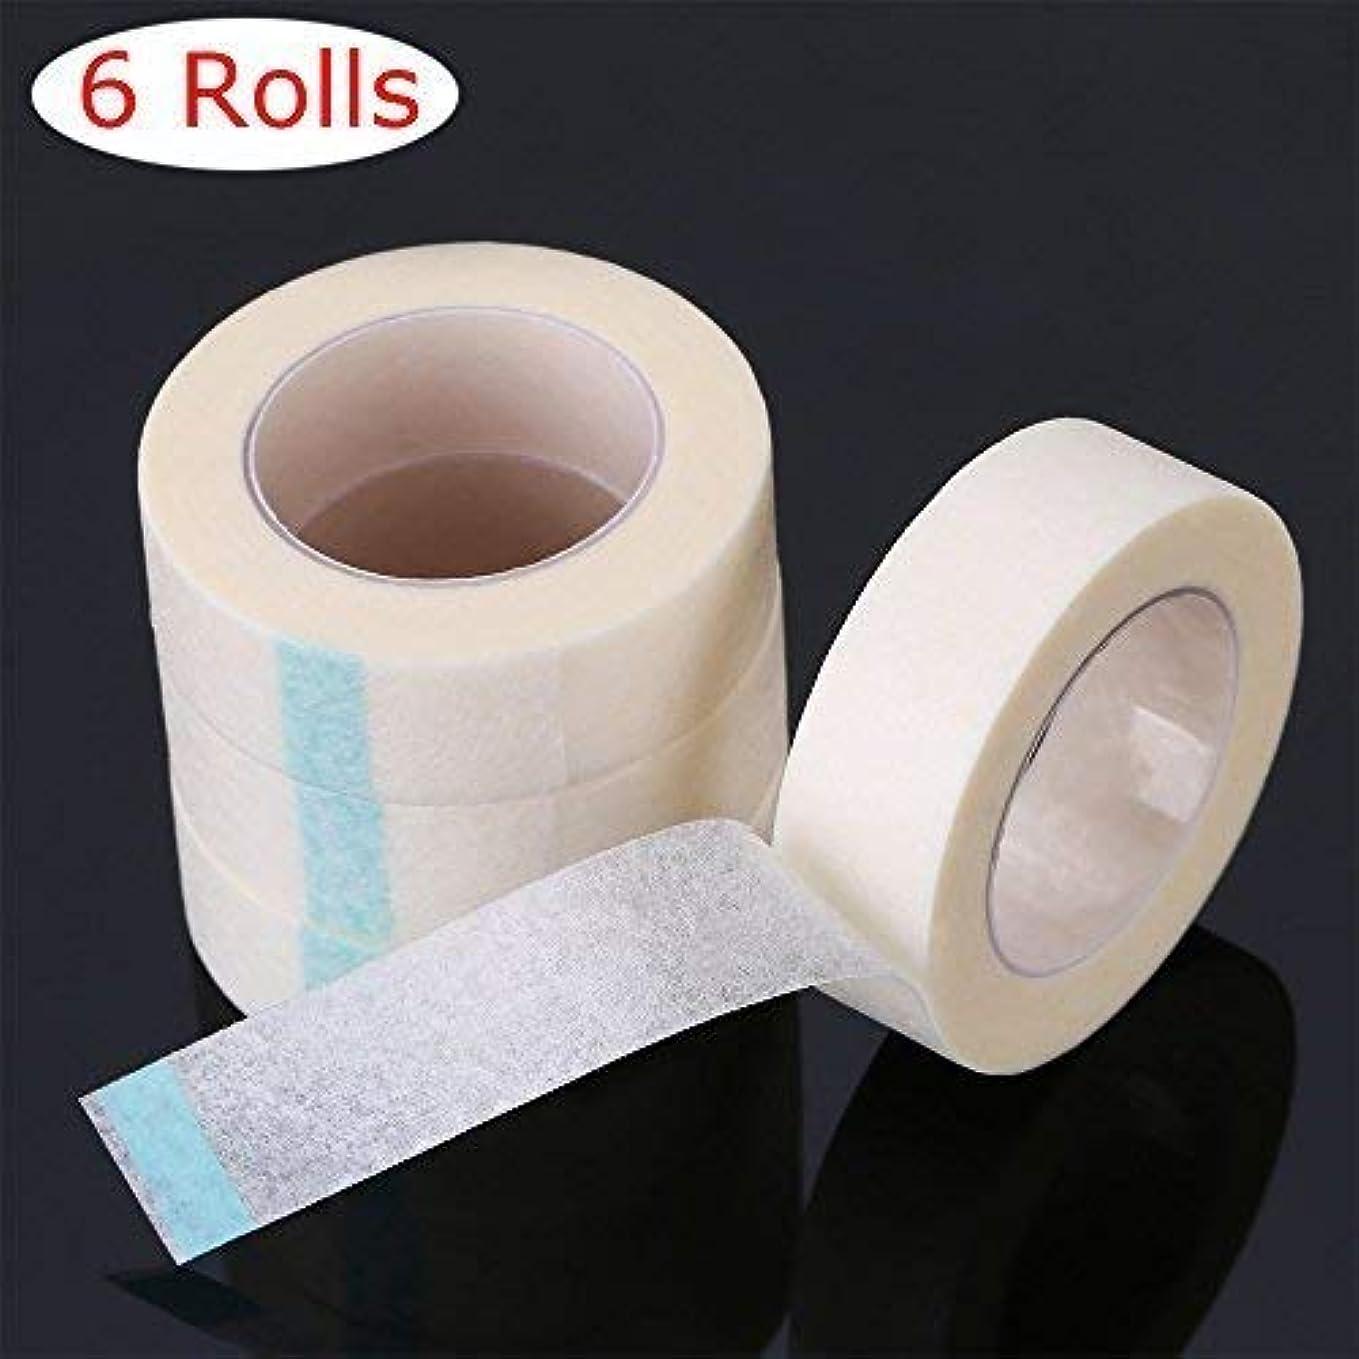 略す実験ホストATOMUS 6個 まつげテープ, まつげエクステ 下まつげ 保護テープ, 医療用テープまつげ拡張子, 低刺激 まつげエクステテープ